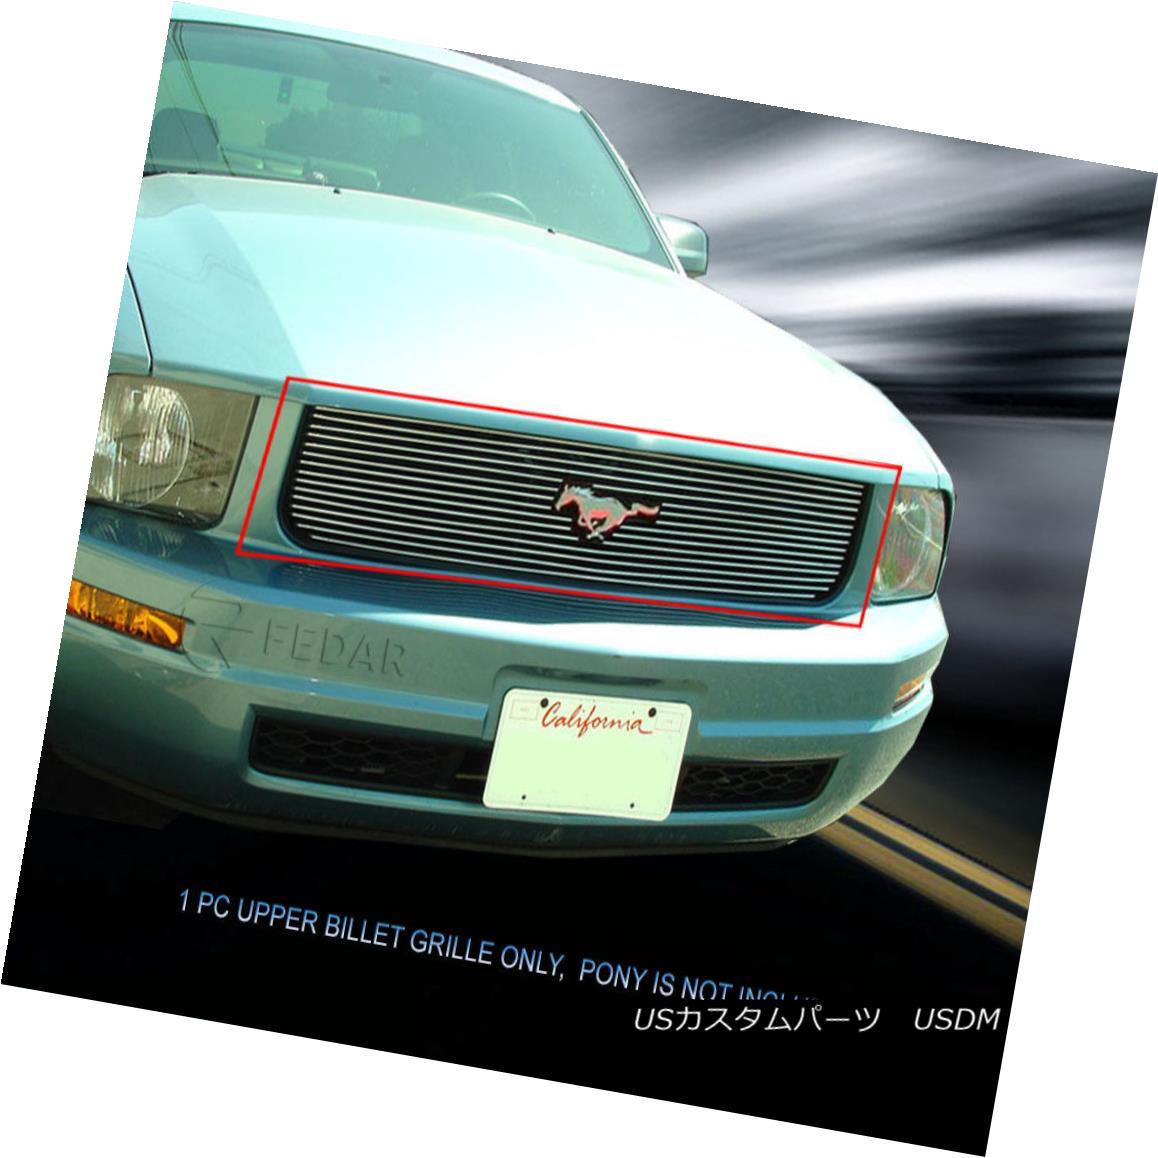 グリル 05-09 Ford Mustang V6 Billet Grille Grill Logo Show Upper Insert Fedar 05-09フォードマスタングV6ビレットグリルグリルロゴショーアッパーインサートフェルダー